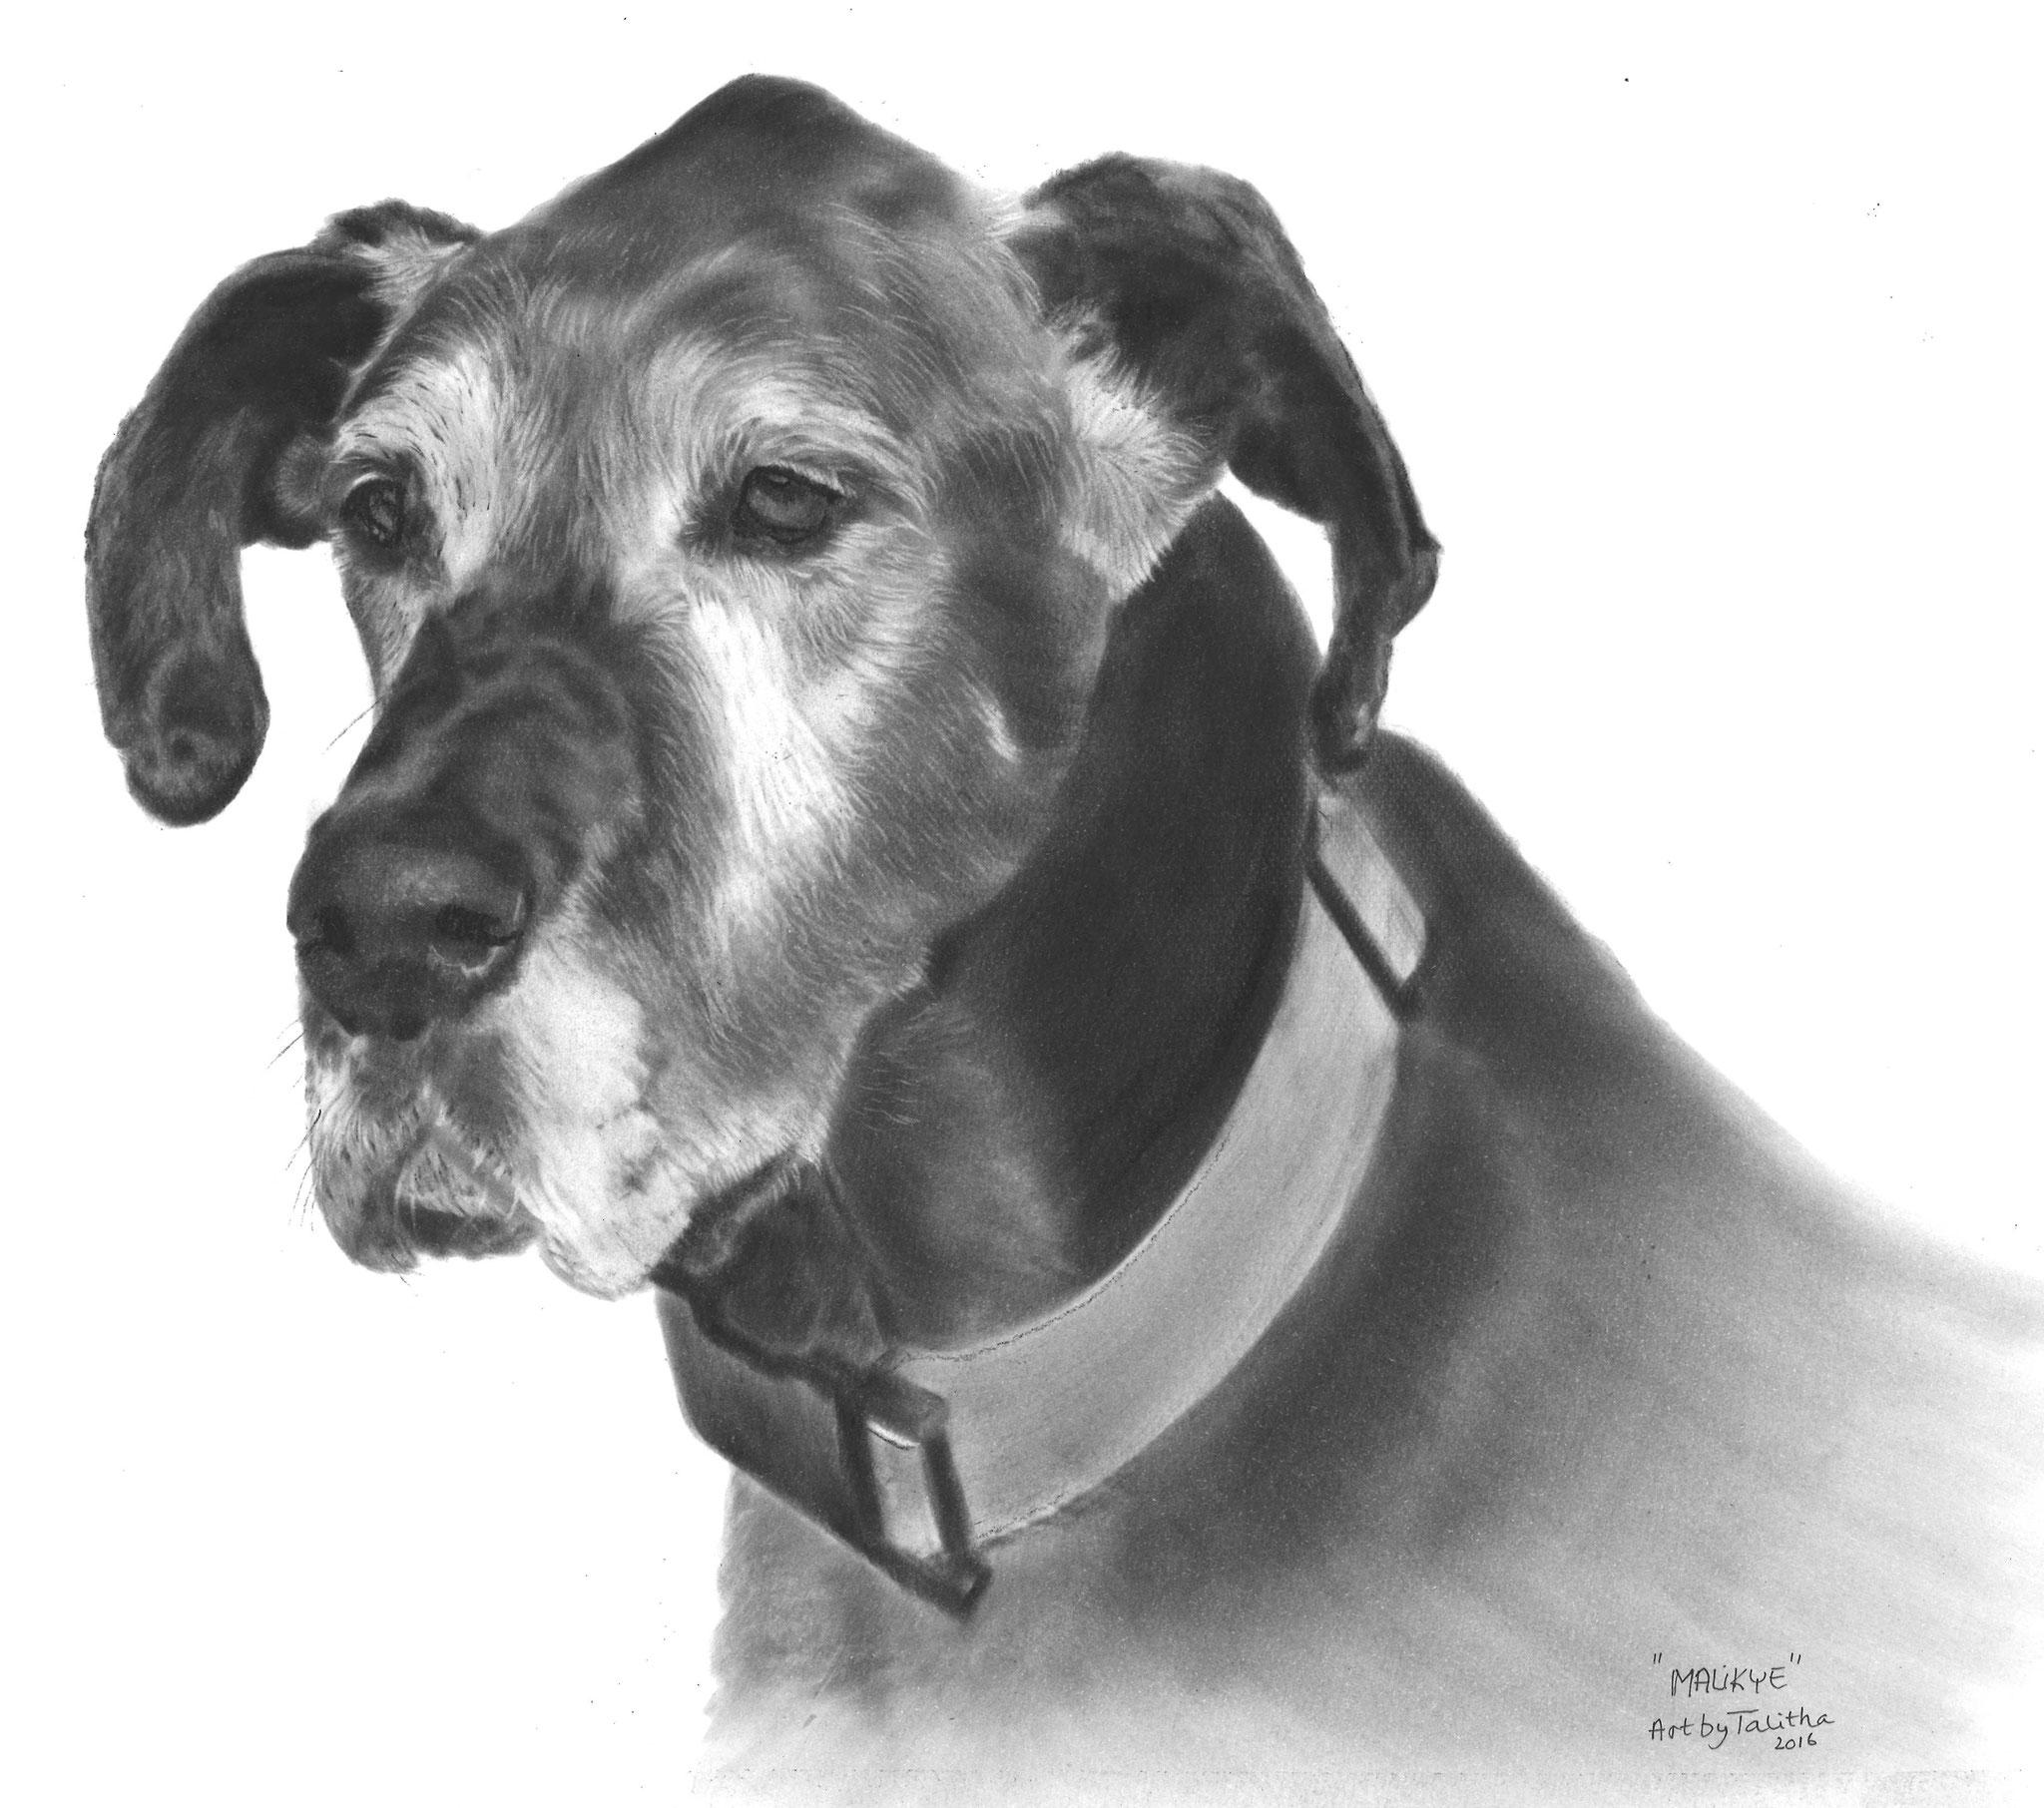 'In liefdevolle herinnering aan Malikye Montana de Duitse Dog'